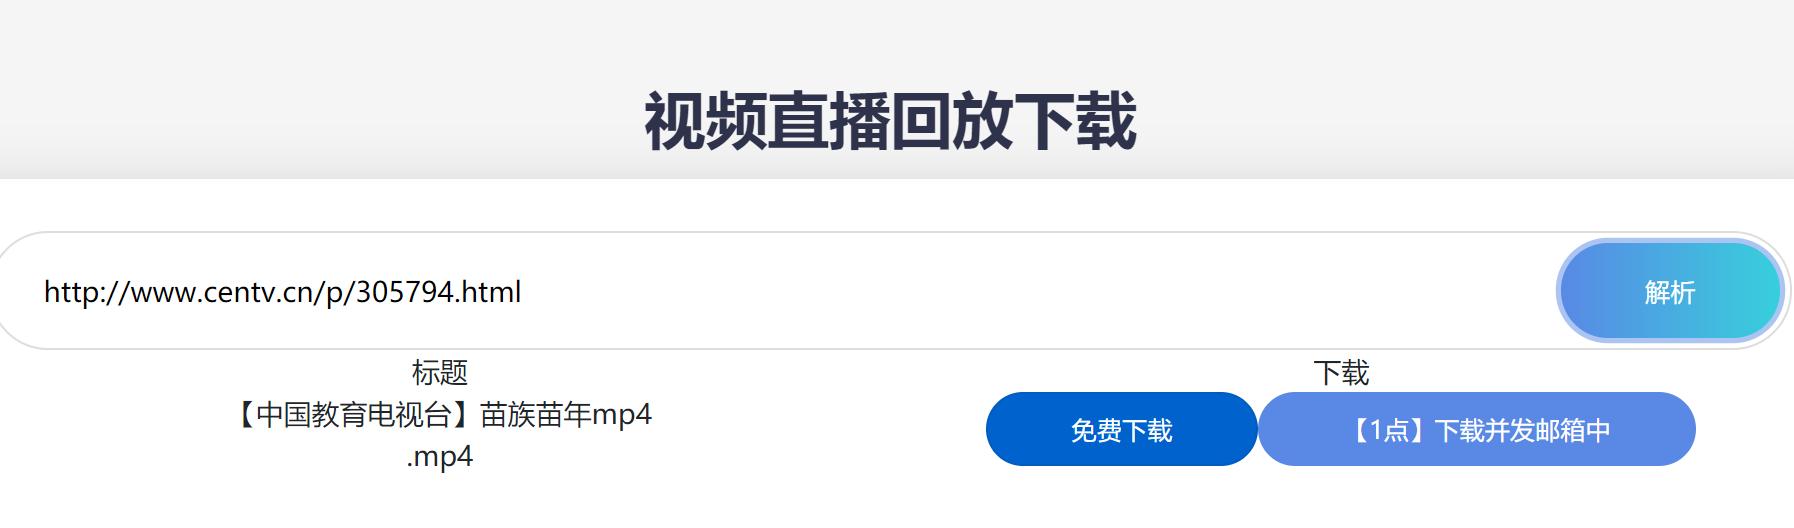 【新增】支持CETV(中国教育电视台)视频下载